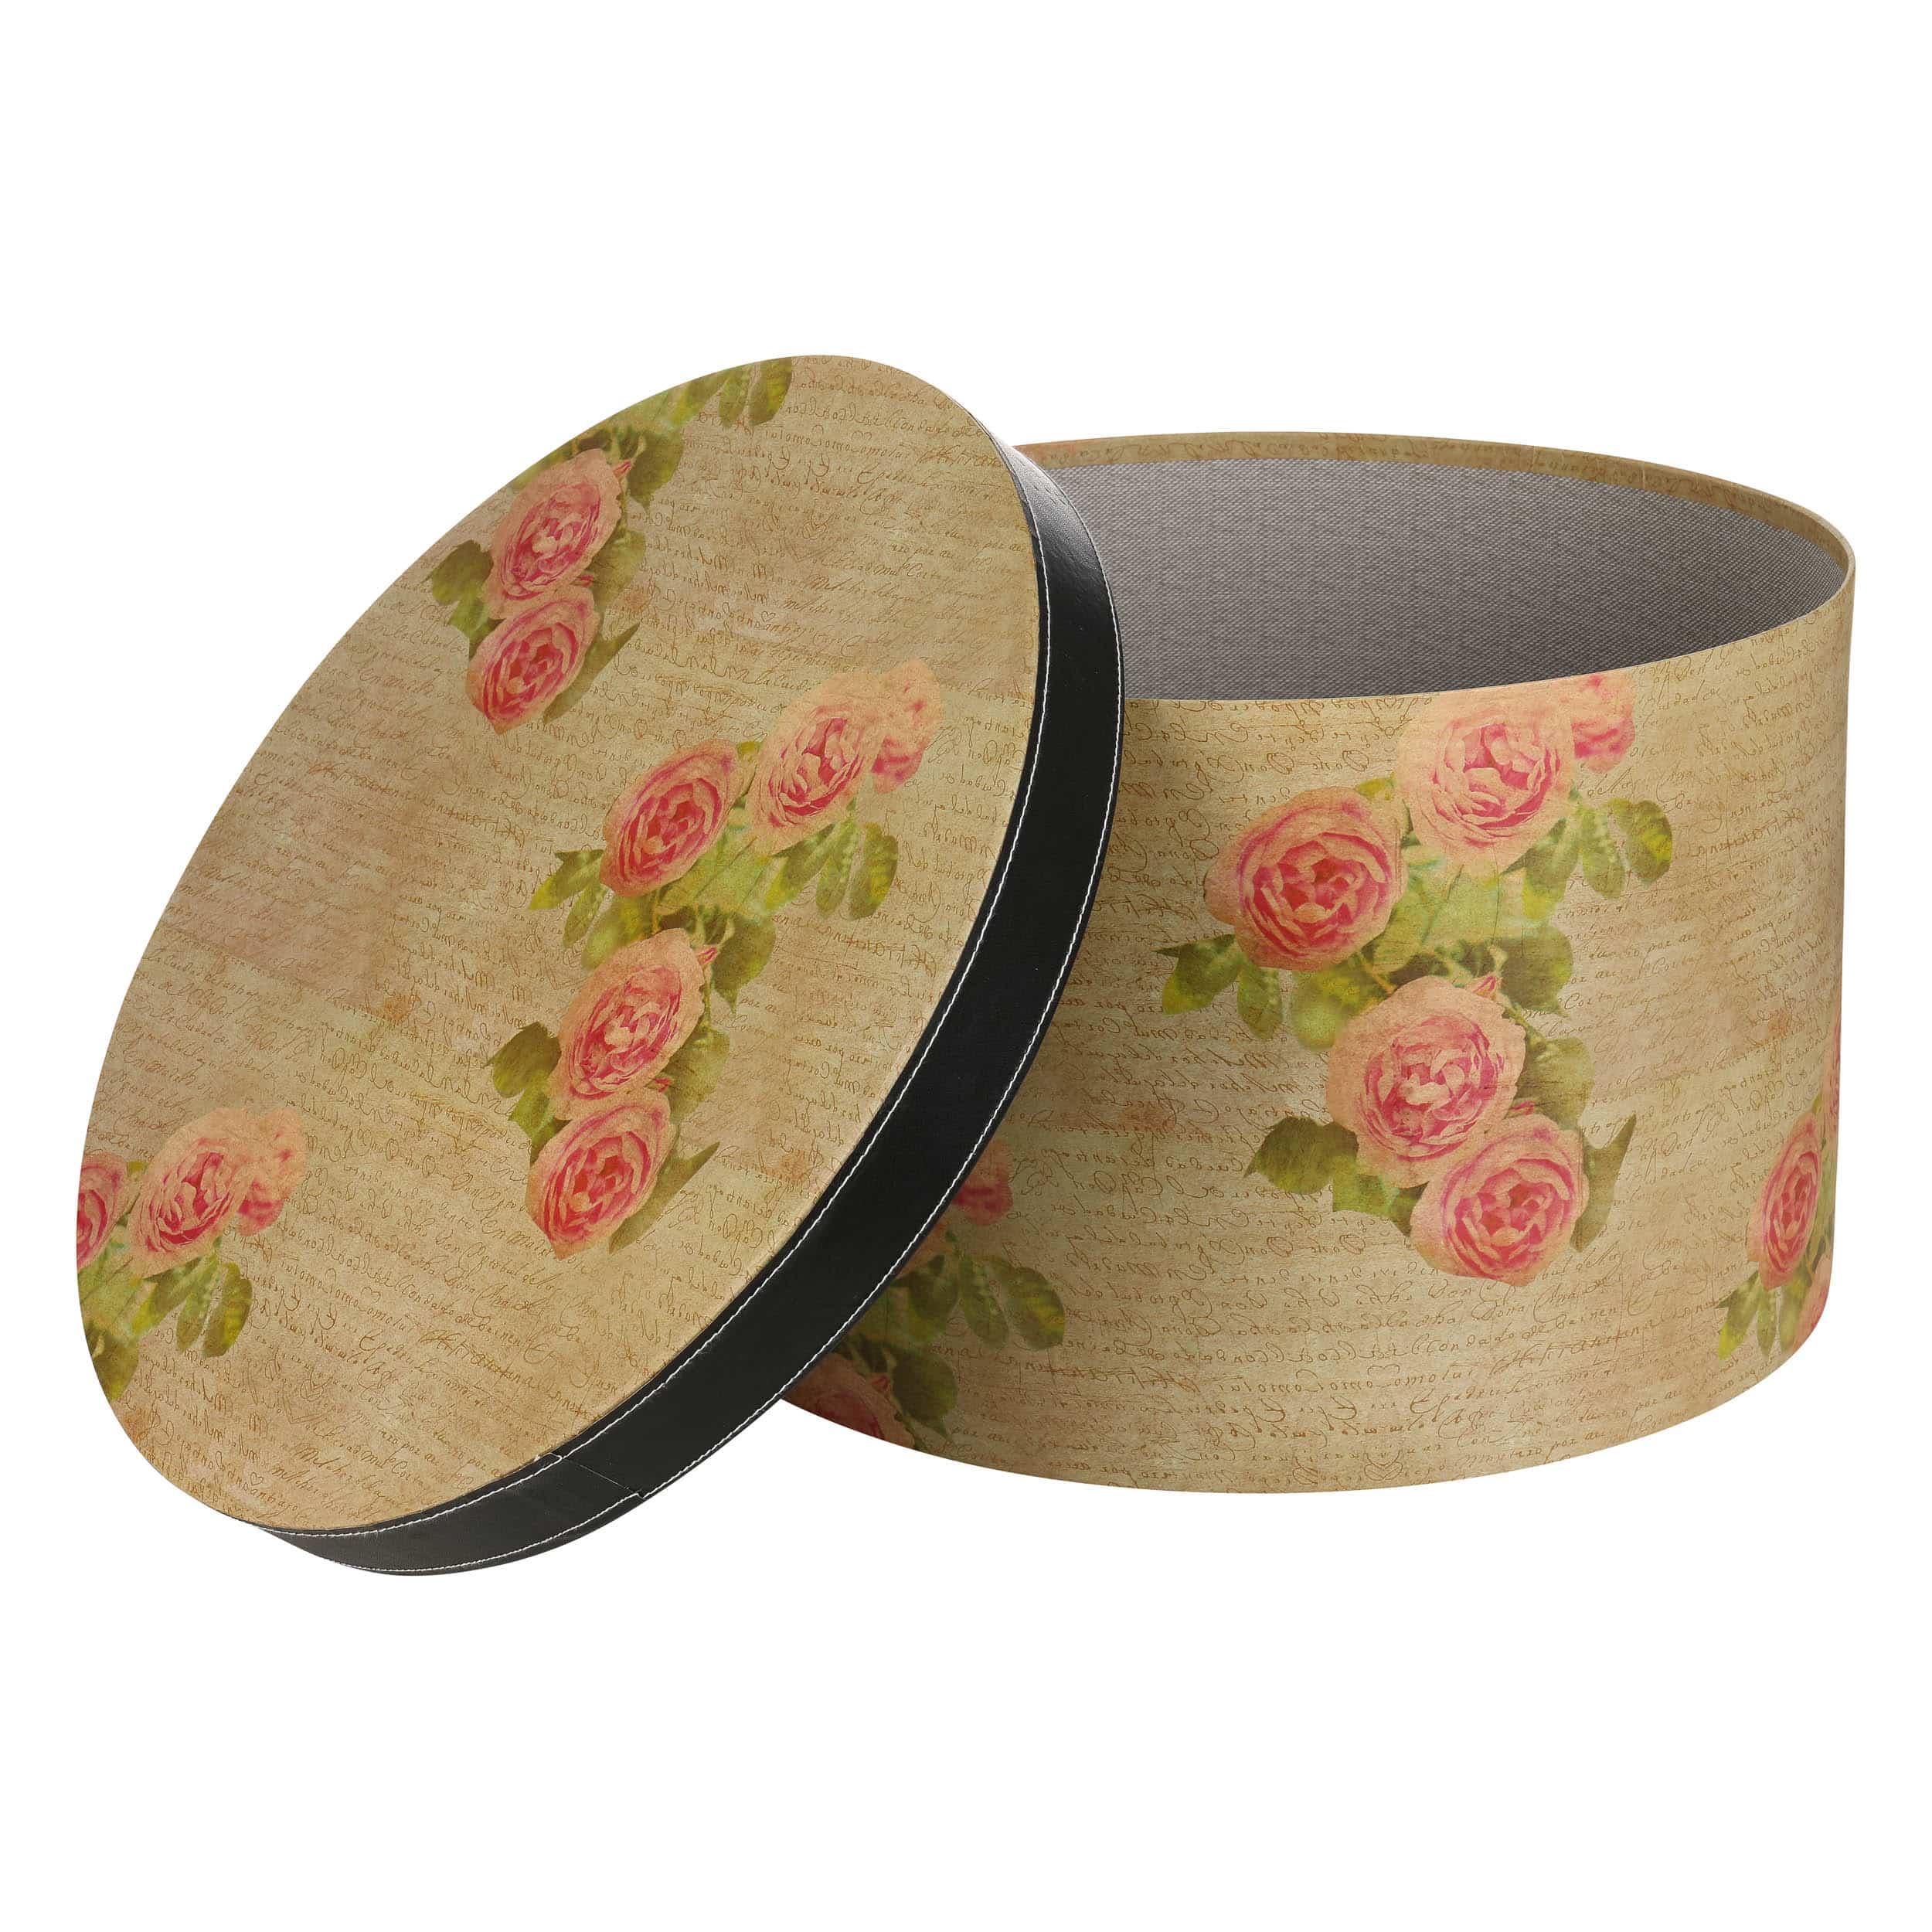 boite chapeau antique 42 cm by lierys eur 54 99 chapeaux casquettes et bonnets en ligne. Black Bedroom Furniture Sets. Home Design Ideas